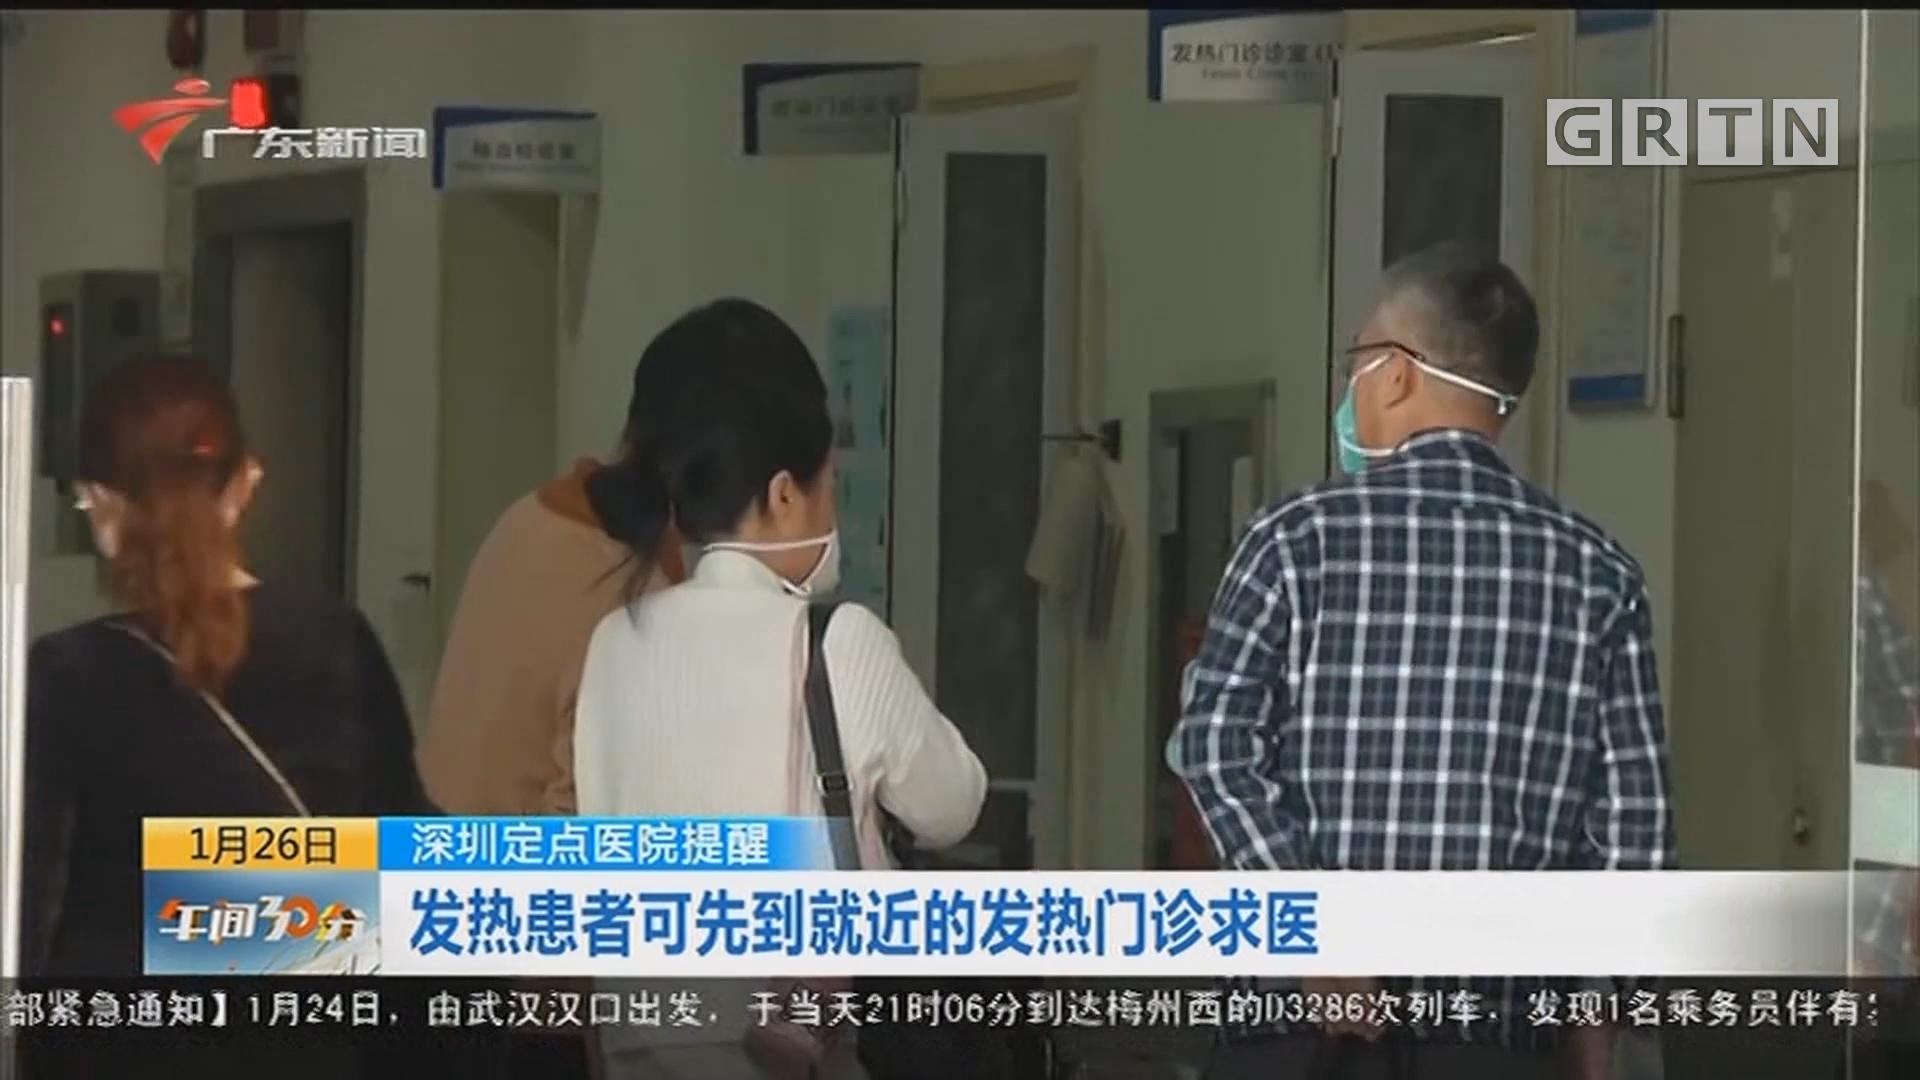 深圳定点医院提醒:发热患者可先到就近的发热门诊求医